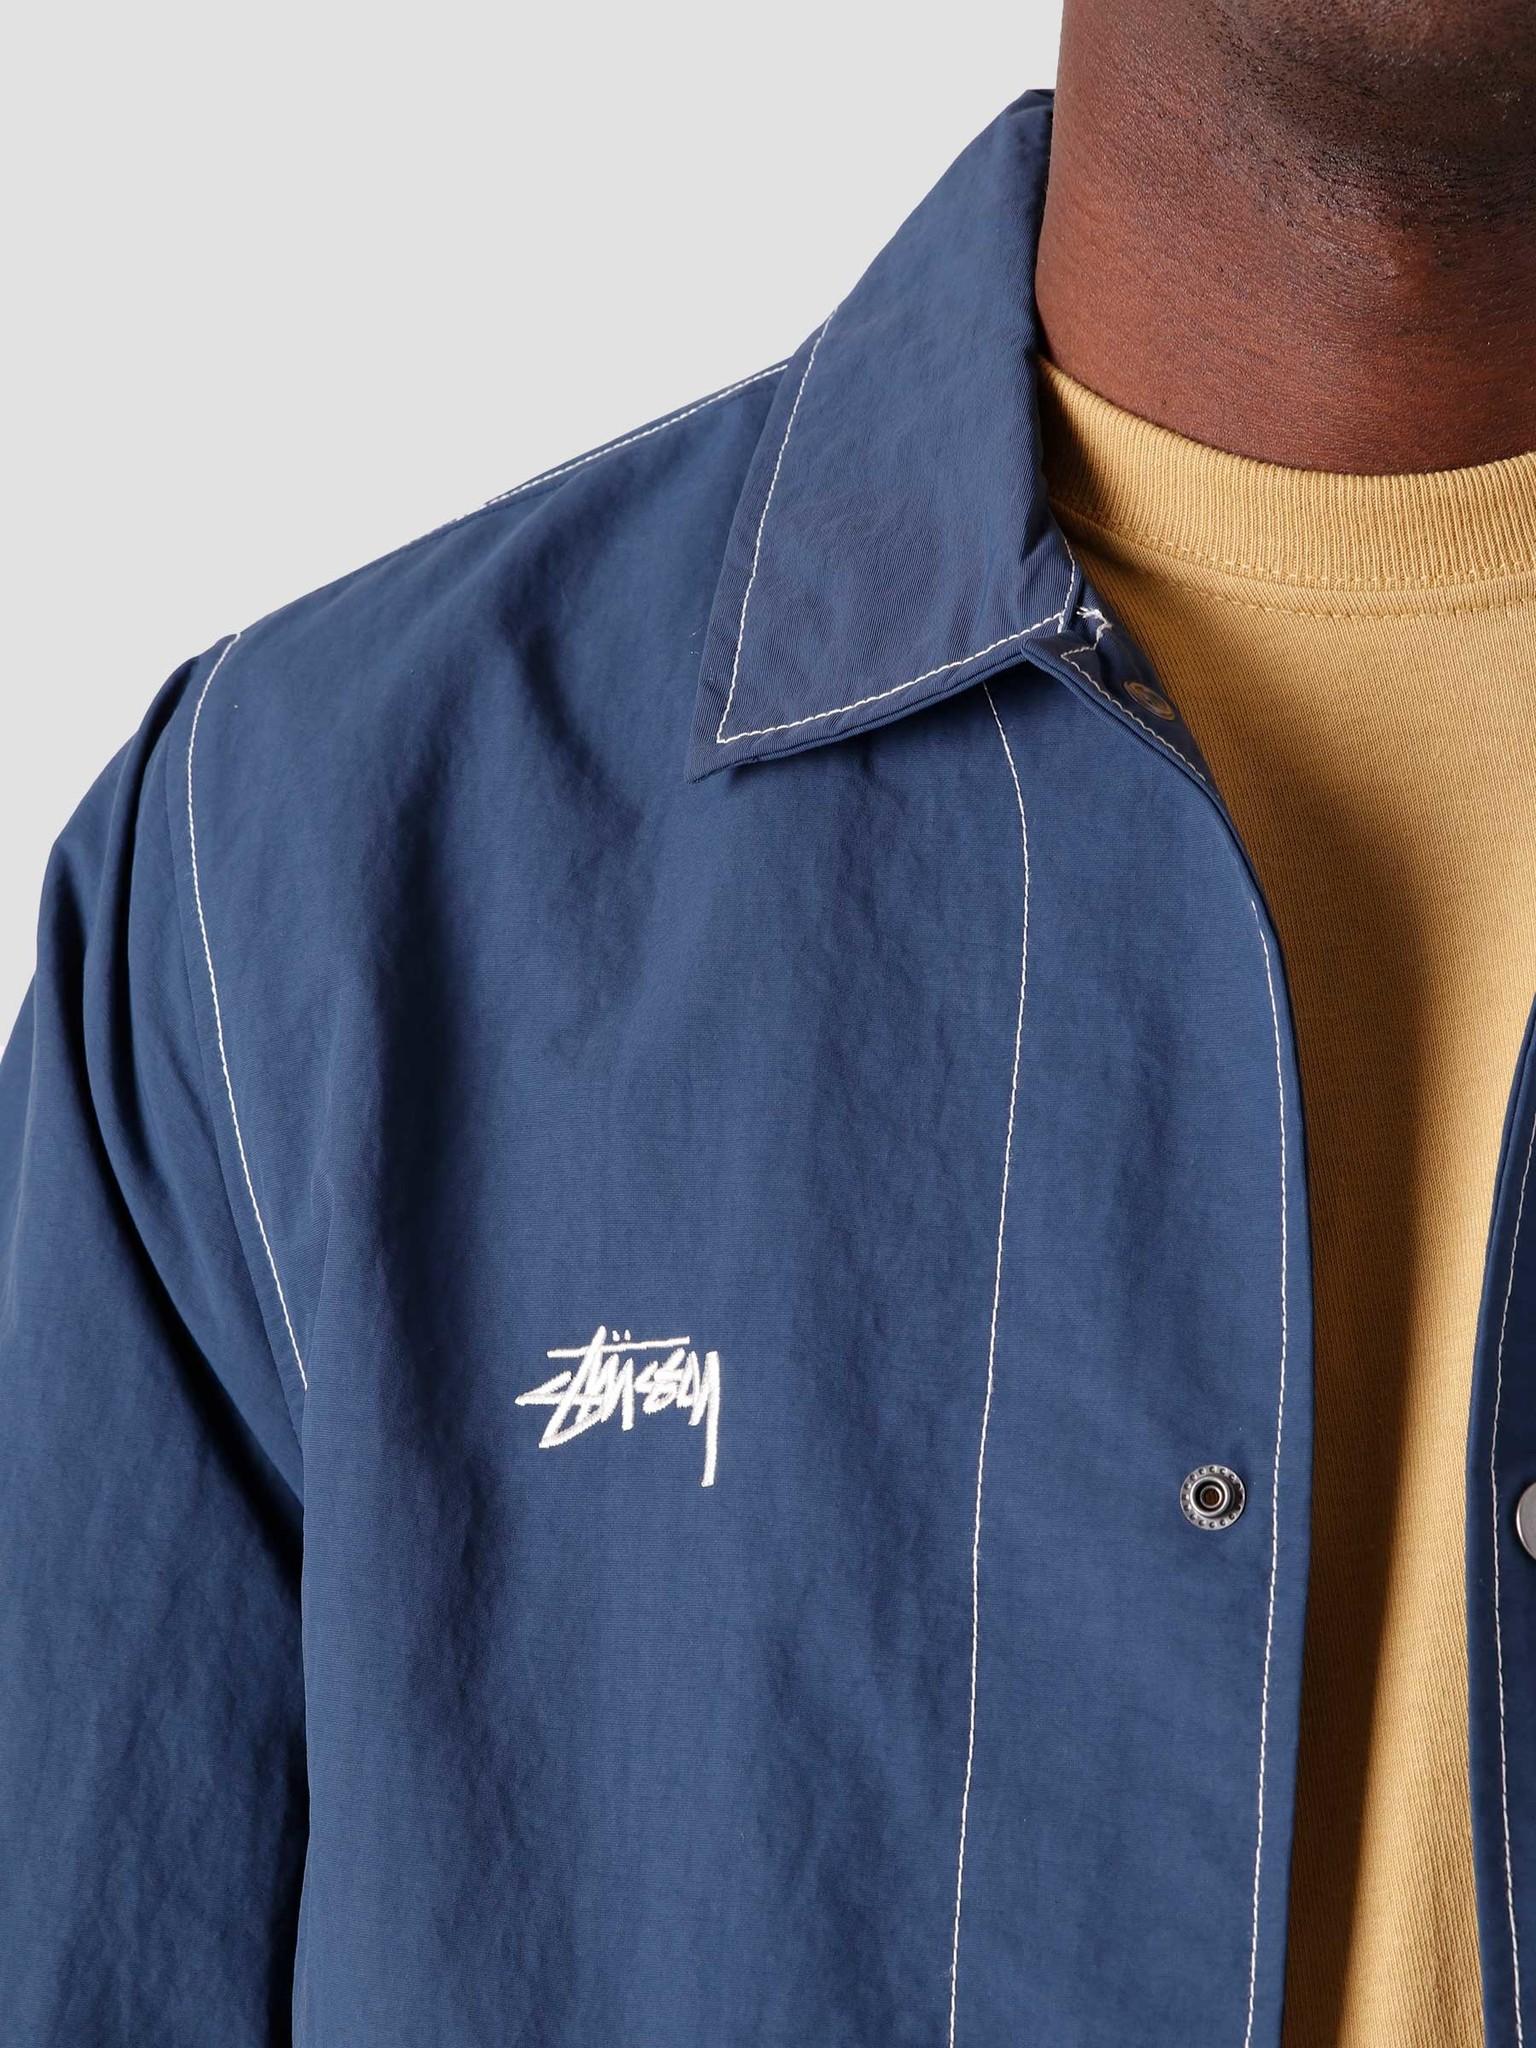 Stussy Stussy Folsom Coach Jacket Navy 115555-0806